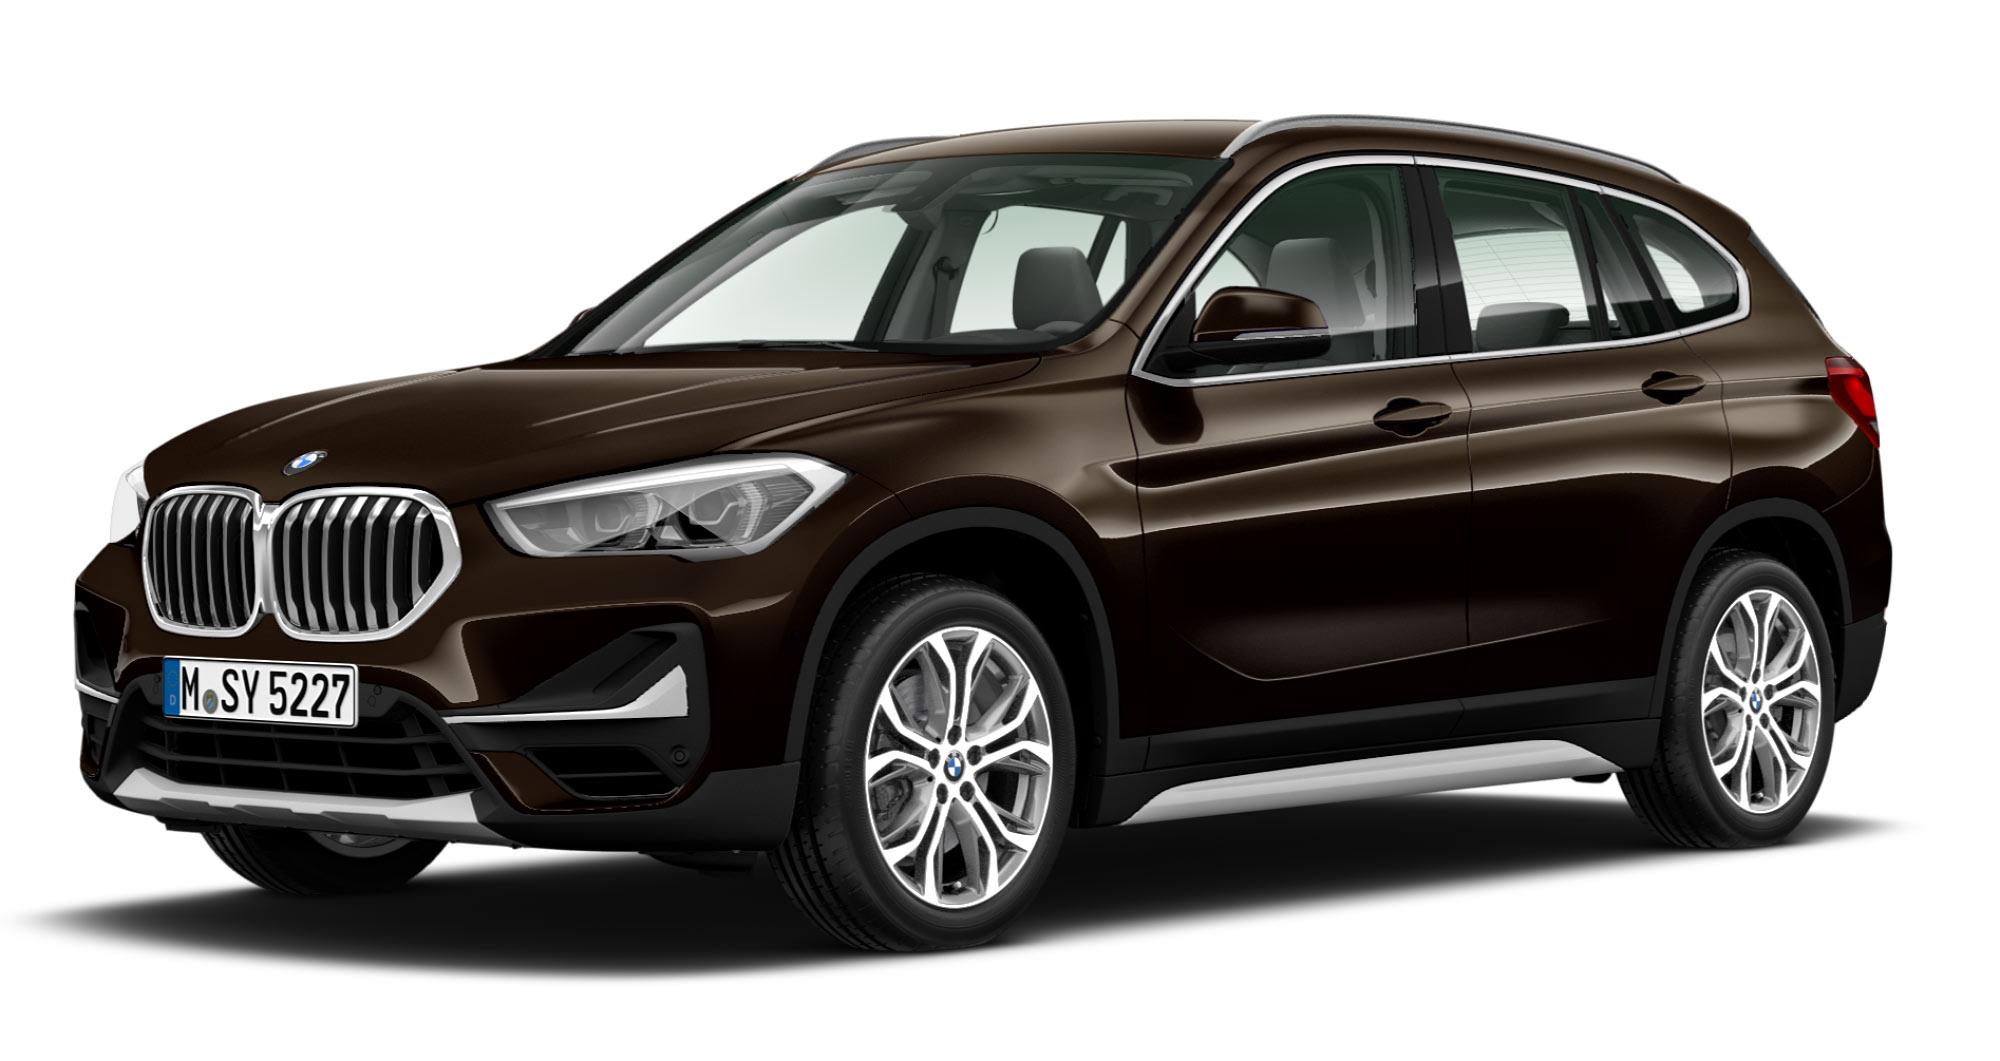 BMW X1 phiên bản nâng cấp sắp về Việt Nam có gì đặc biệt?